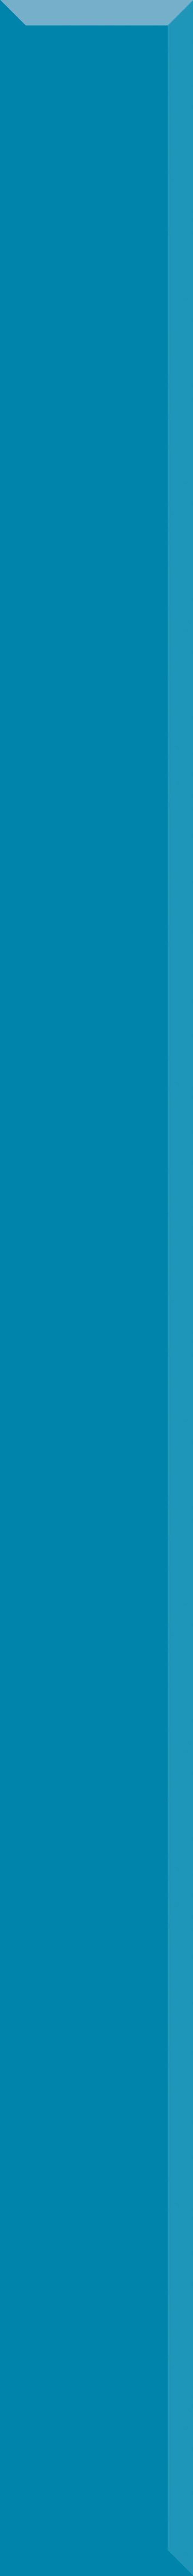 Listwa 3x40 cm Paradyż Uniwersalna Listwa Szklana Azurro